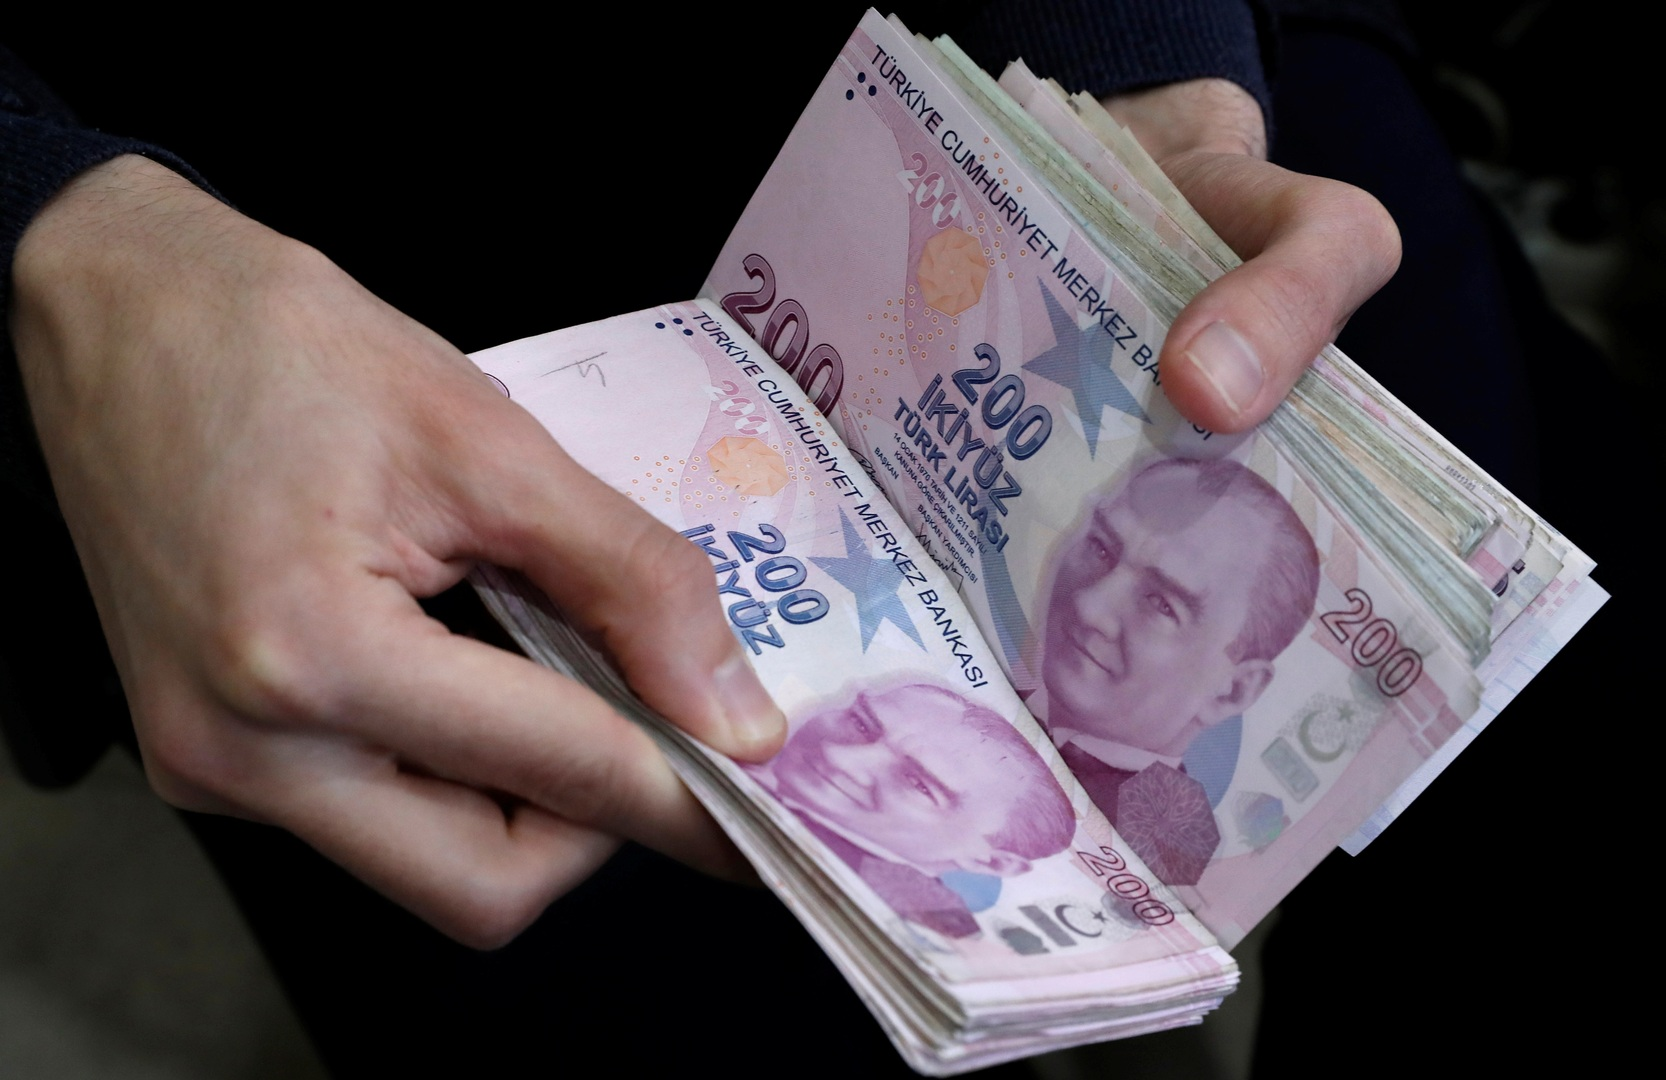 تركيا ترفد اقتصادها بعملة جديدة